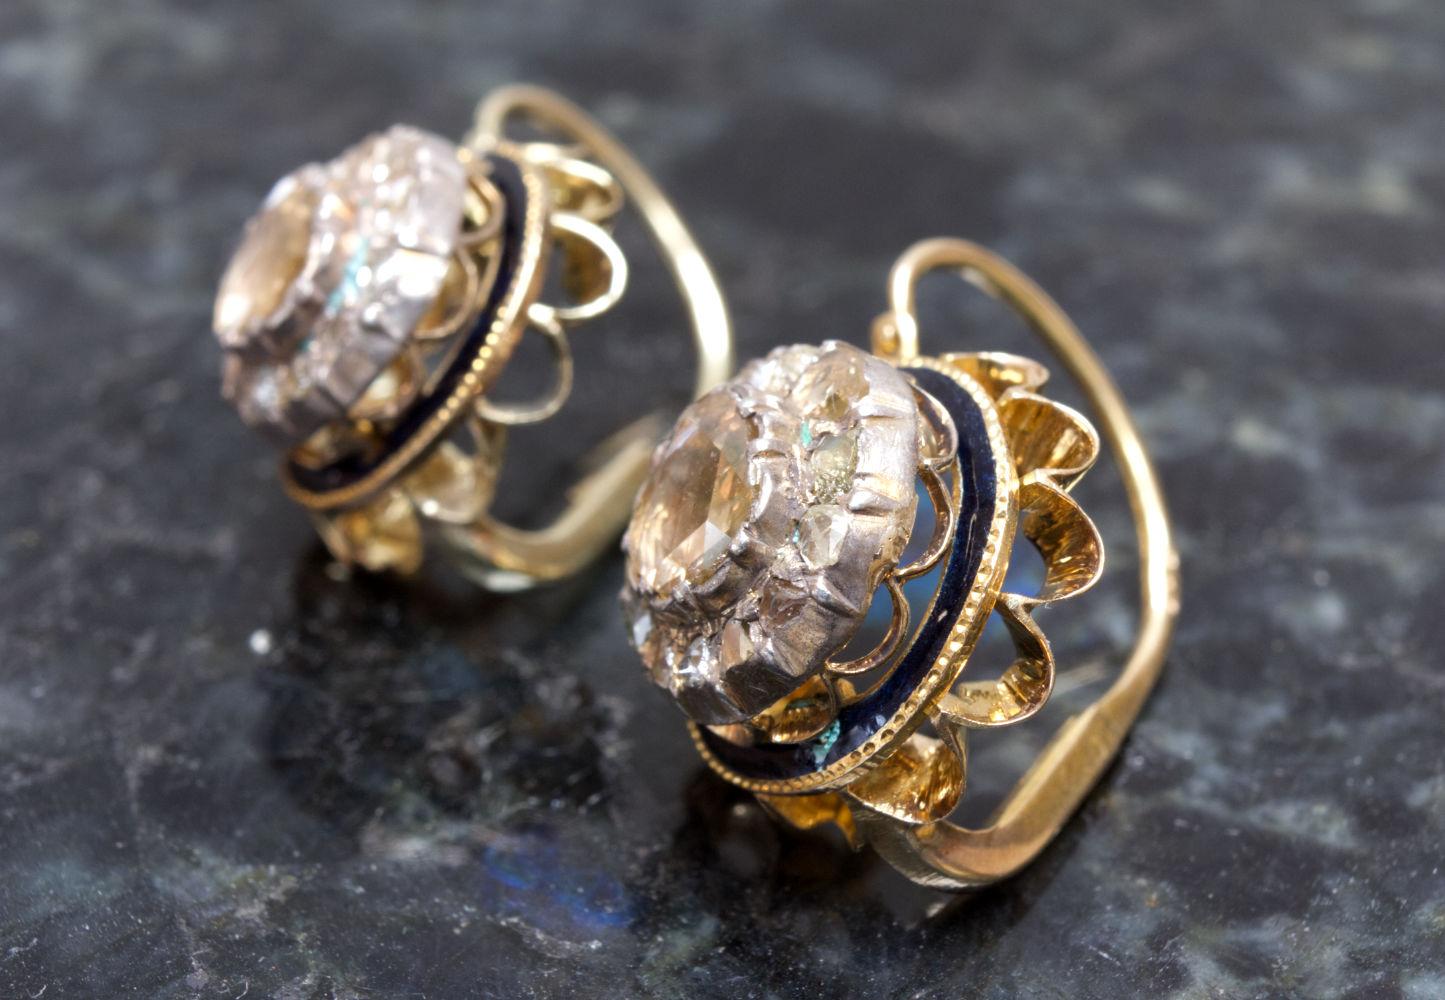 Ohrringe original antik mit Diamanten in Gold gefasst auf Marmor von der Seite gezeigt.